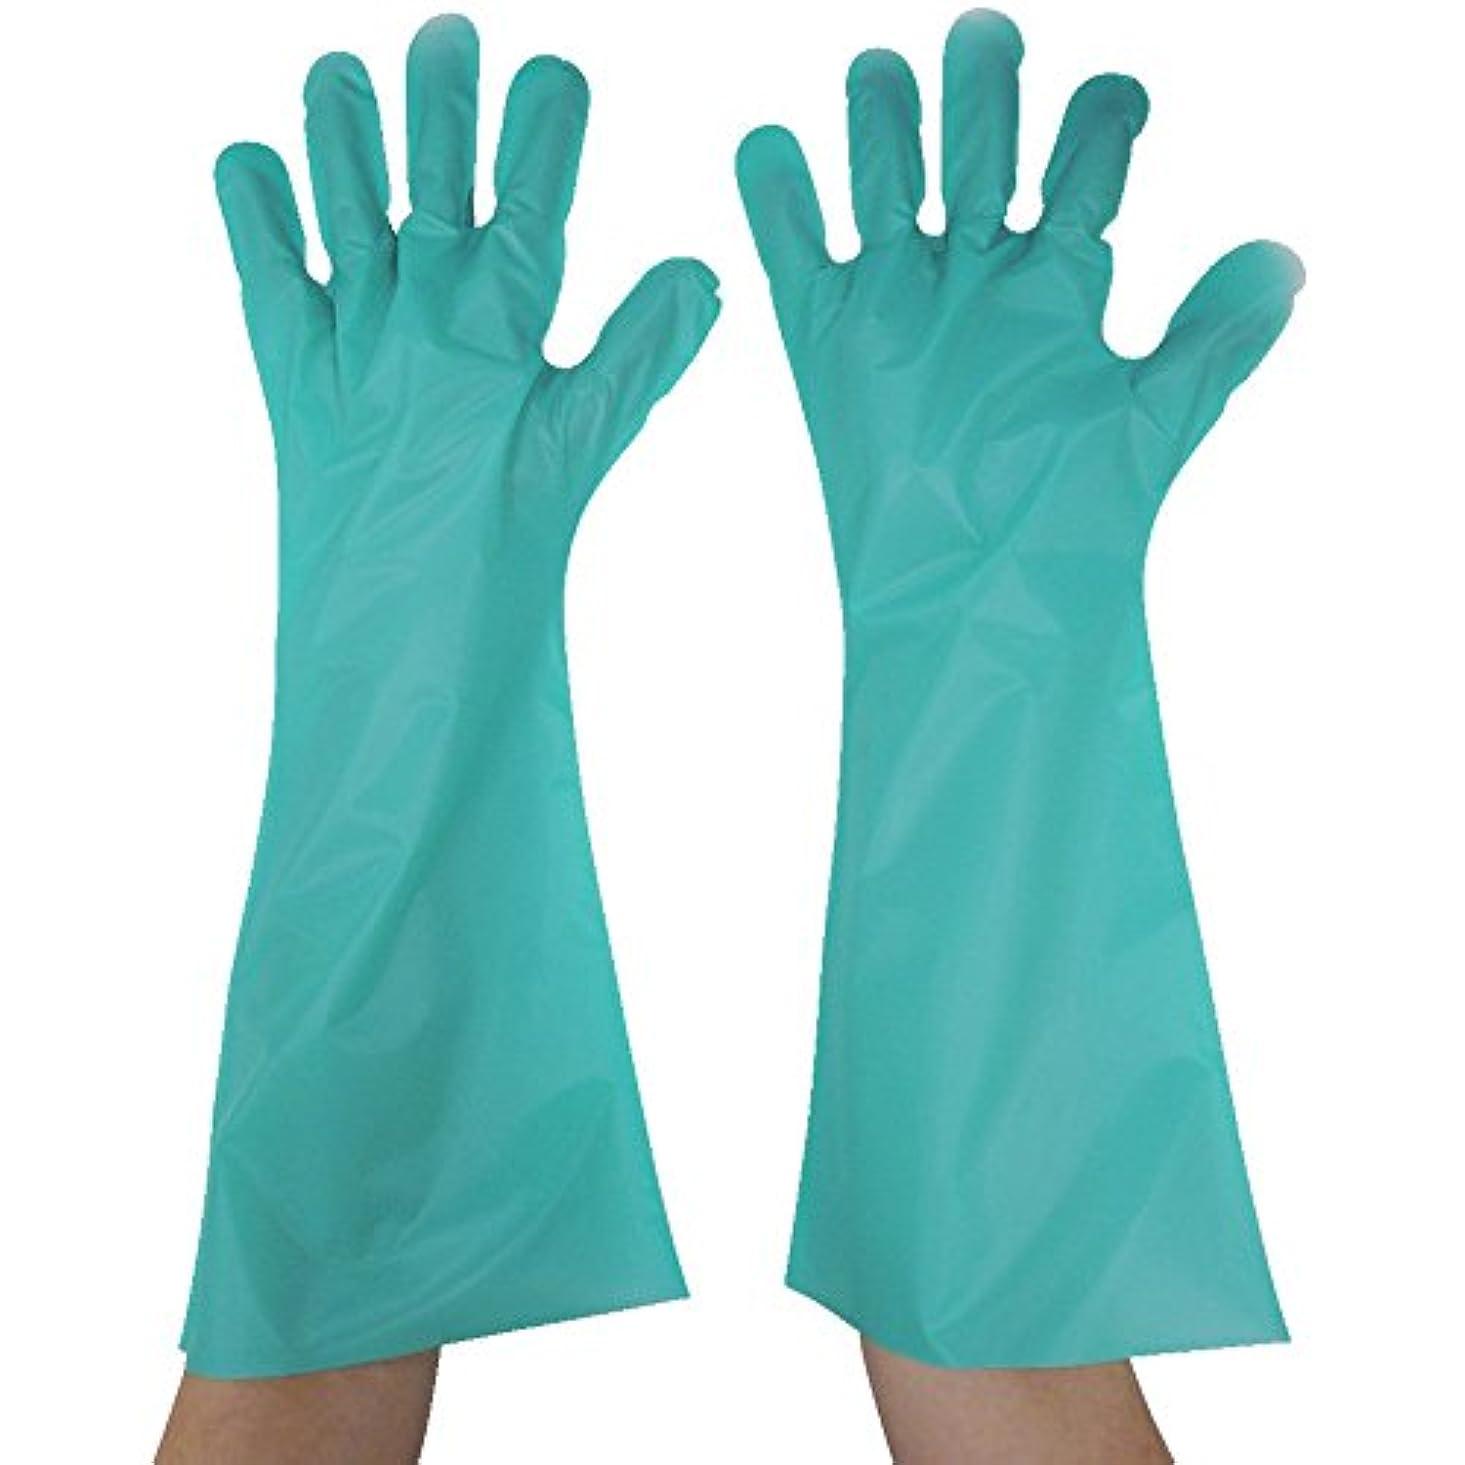 ペーストコカイン説明する東京パック エンボス手袋ロング五本絞り グリーン L GL45L ポリエチレン使い捨て手袋